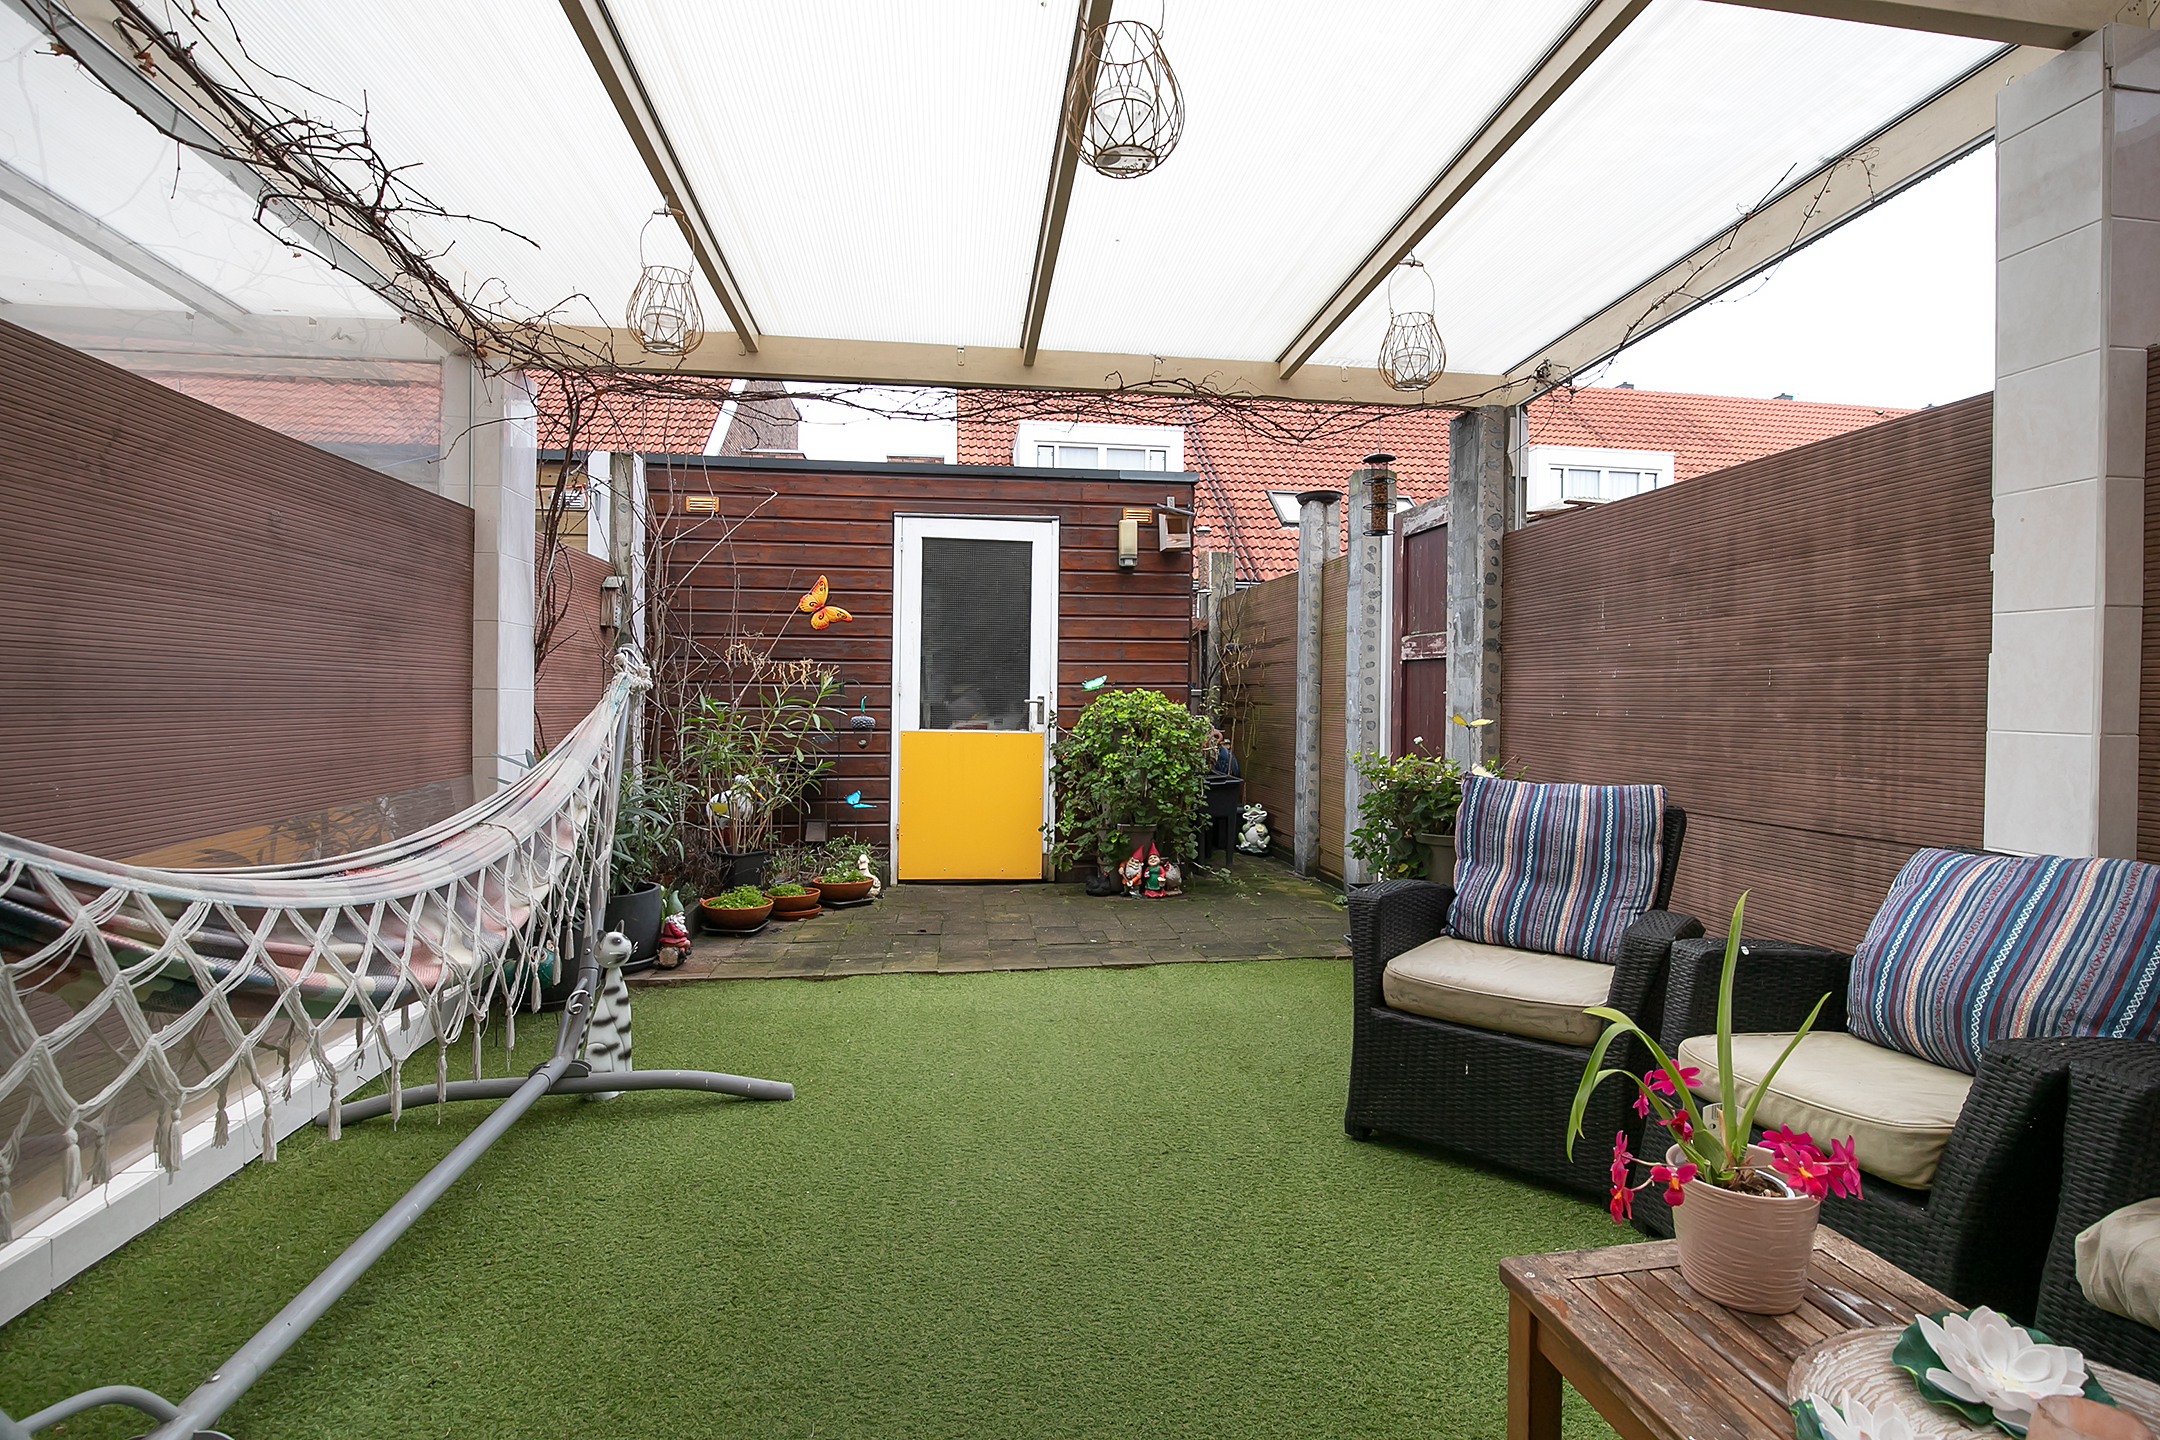 6-kamer eengezinswoning te koop in Transvaal-Zuid, Den Haag met riante woonkamer, 4 slaapkamers, moderne keuken en badkamer